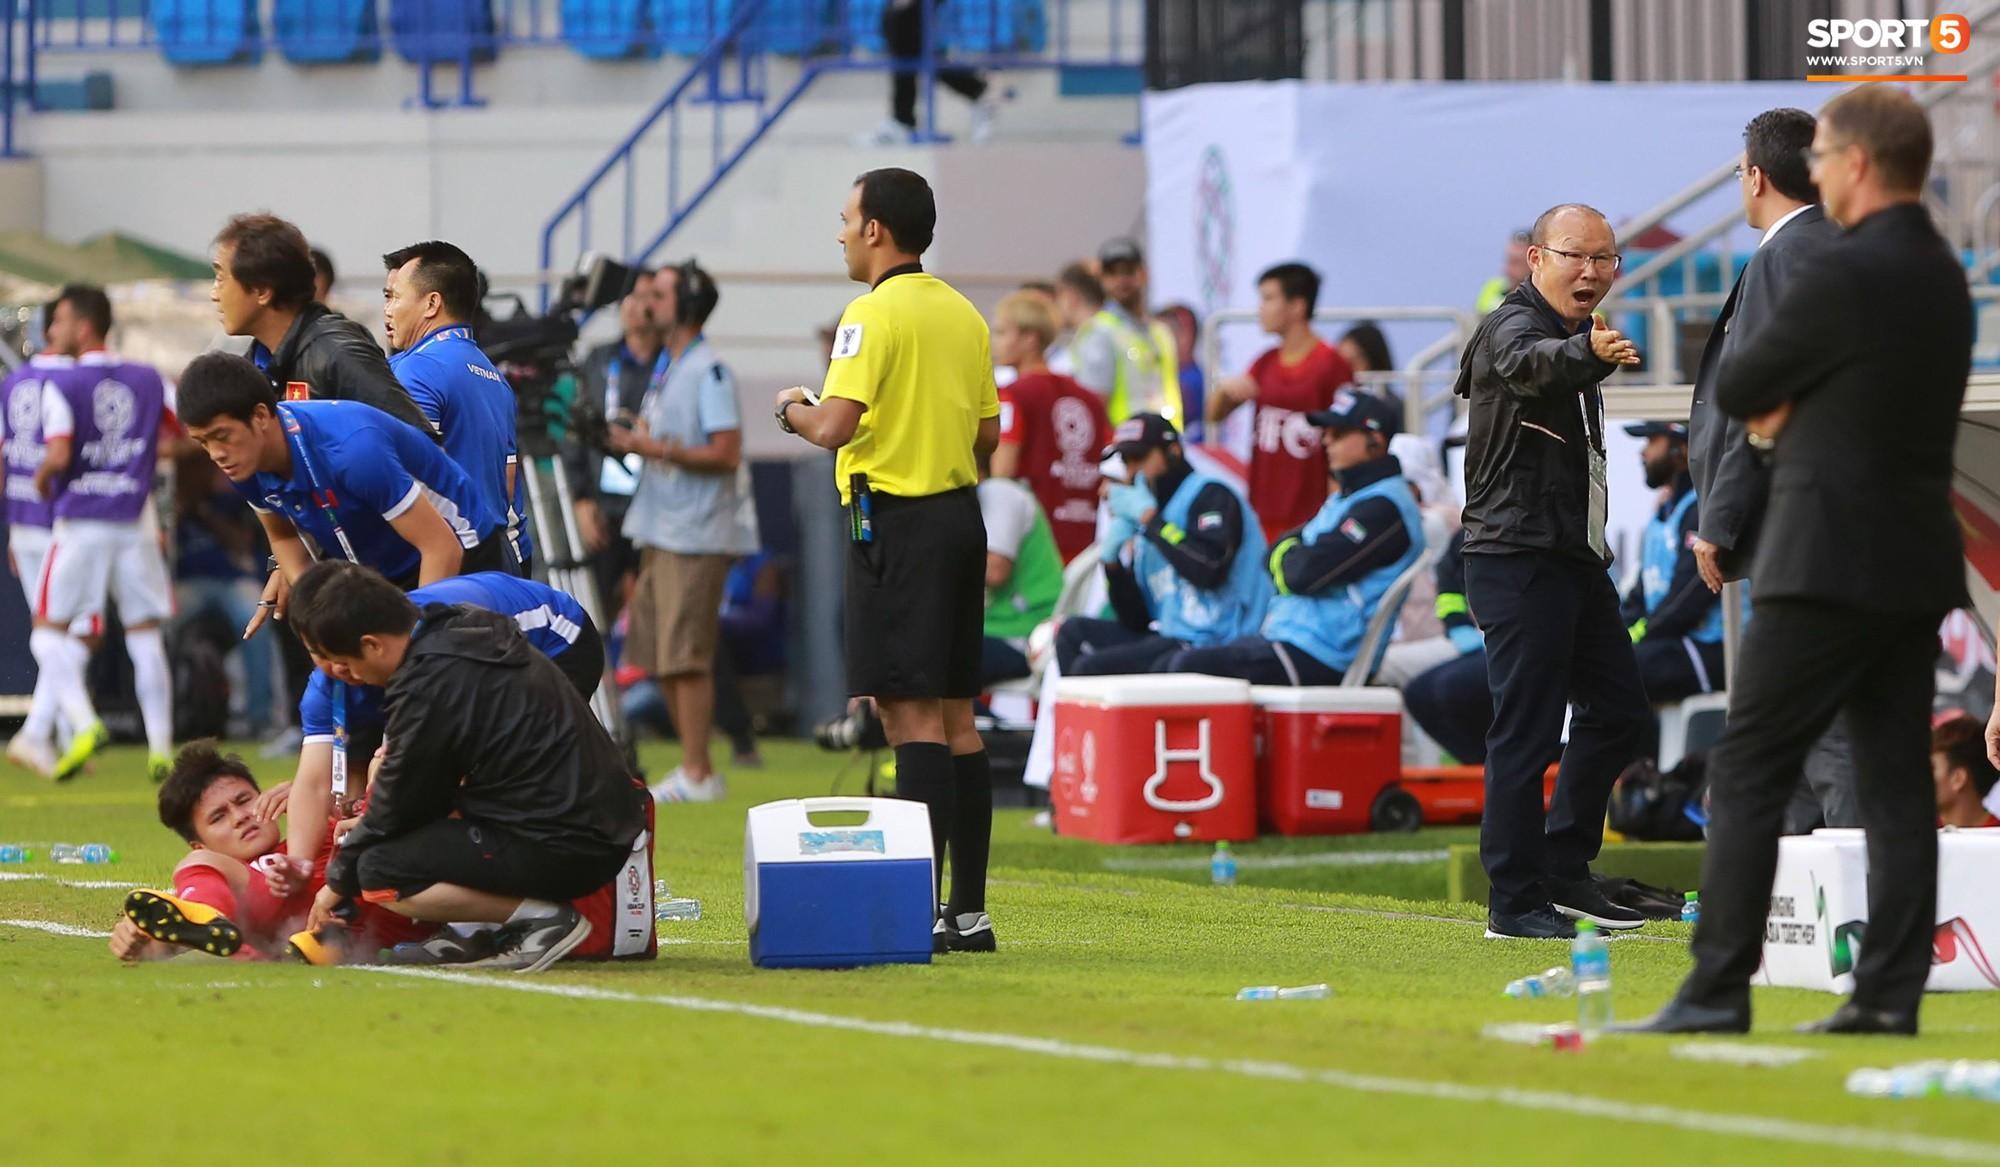 Quang Hải bị phạm lỗi, HLV Park Hang Seo gắt với cả trọng tài và HLV Jordan để đòi công bằng-8